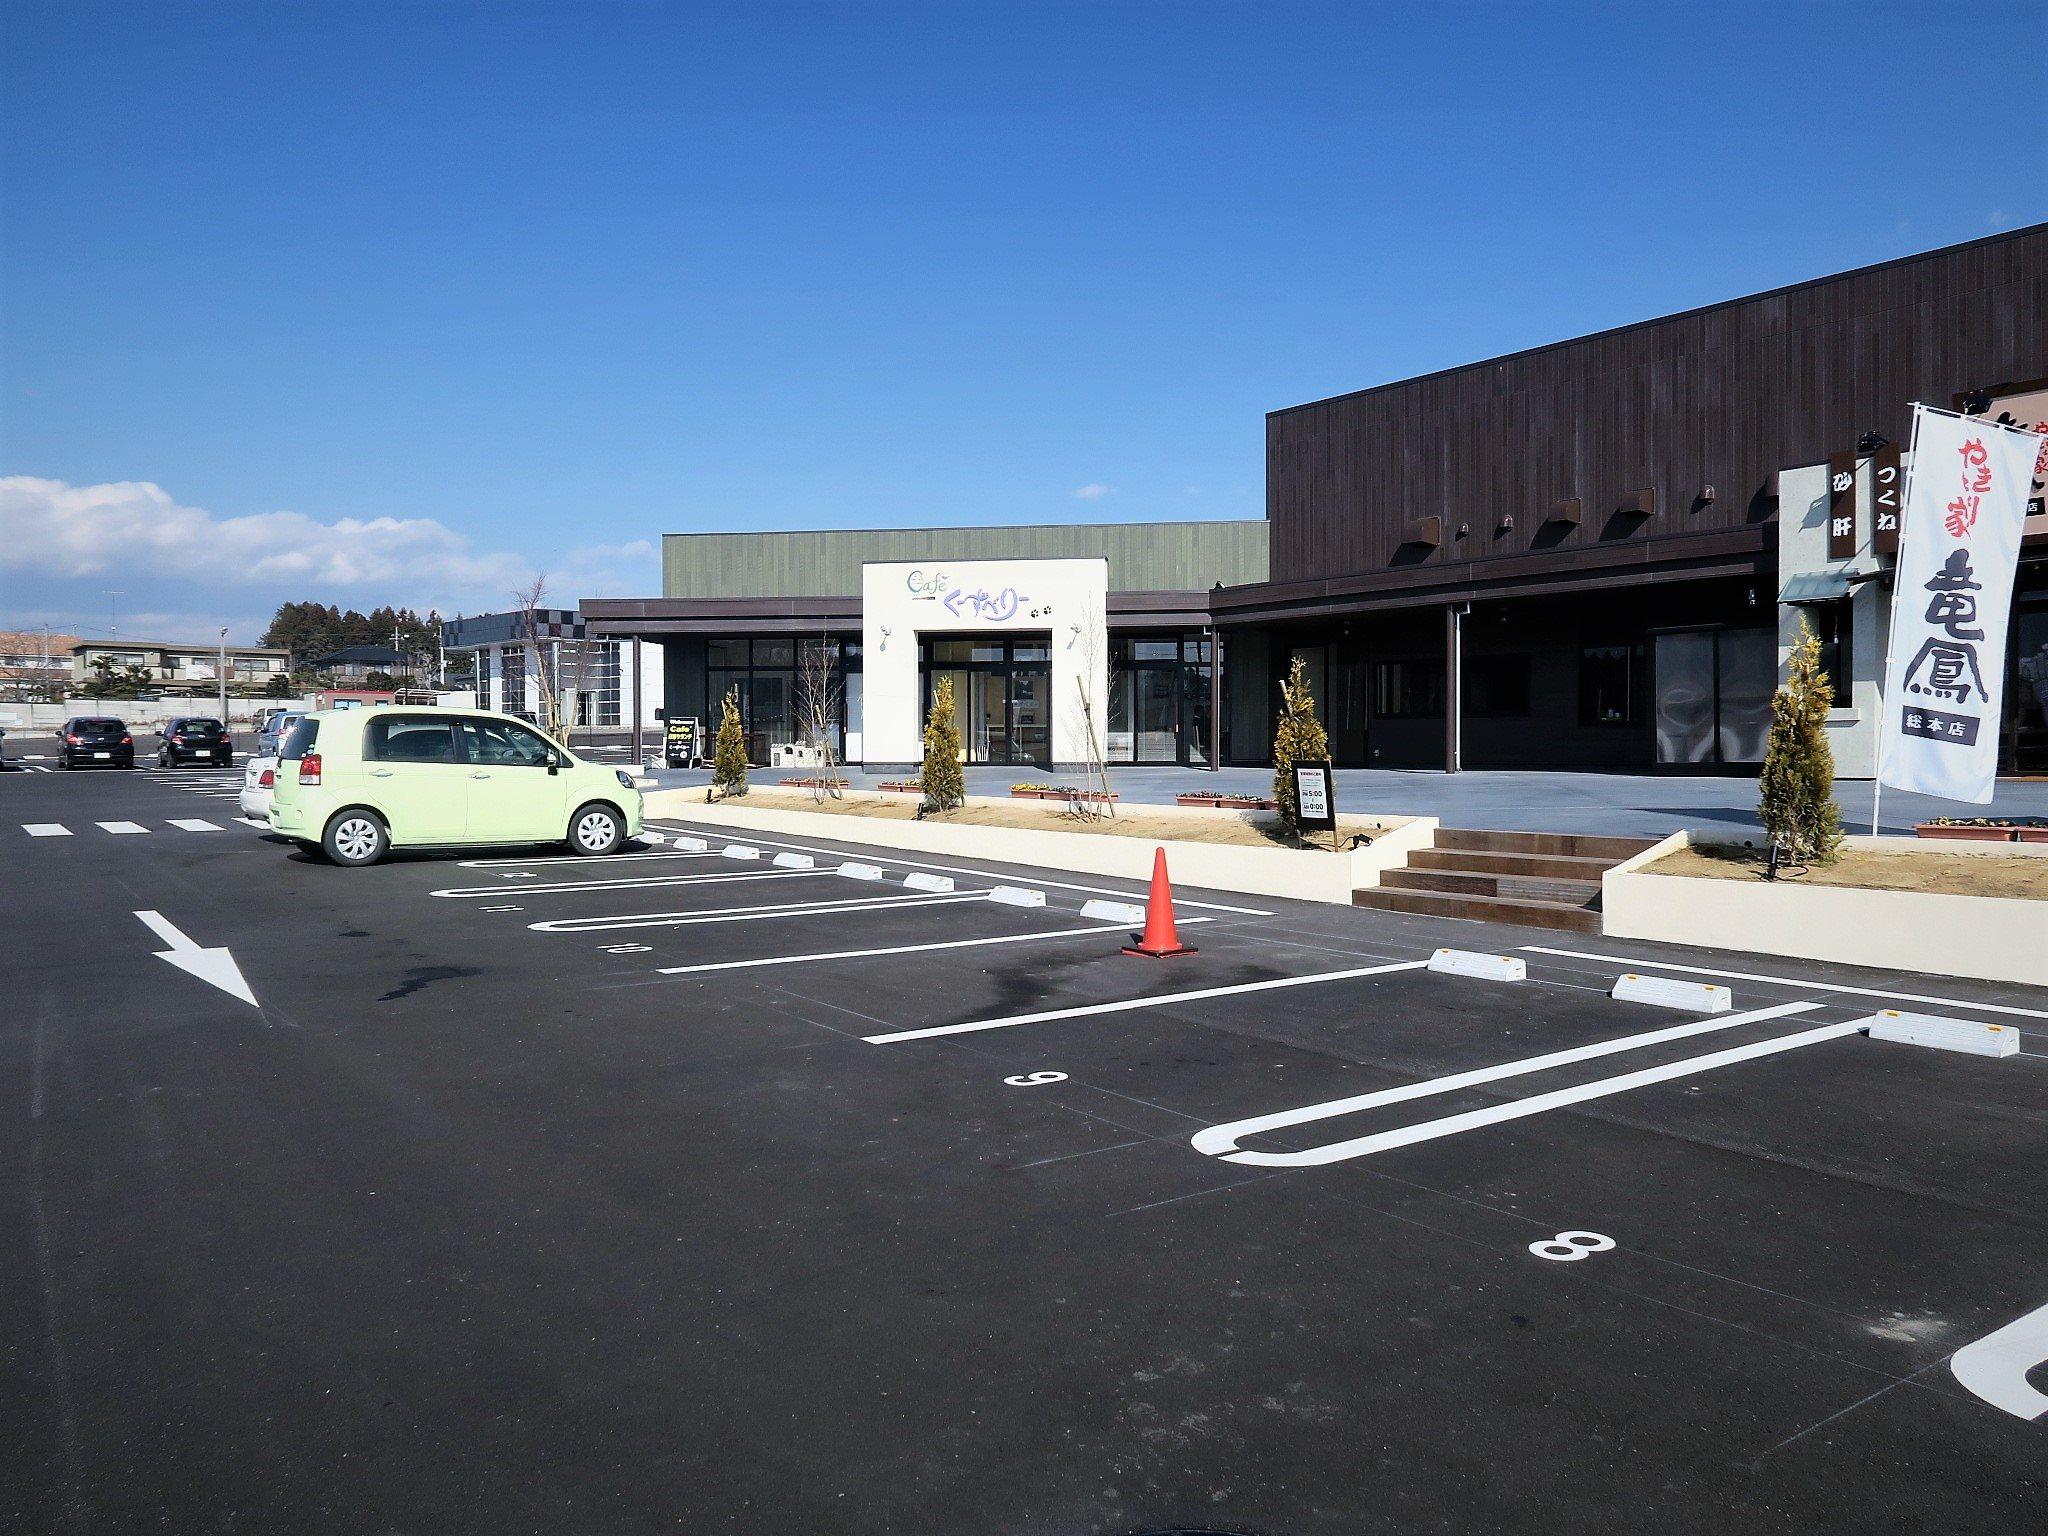 駐車場には障がい者スペースもございます。お気軽にご利用下さい。店内入口は引き戸となっております。